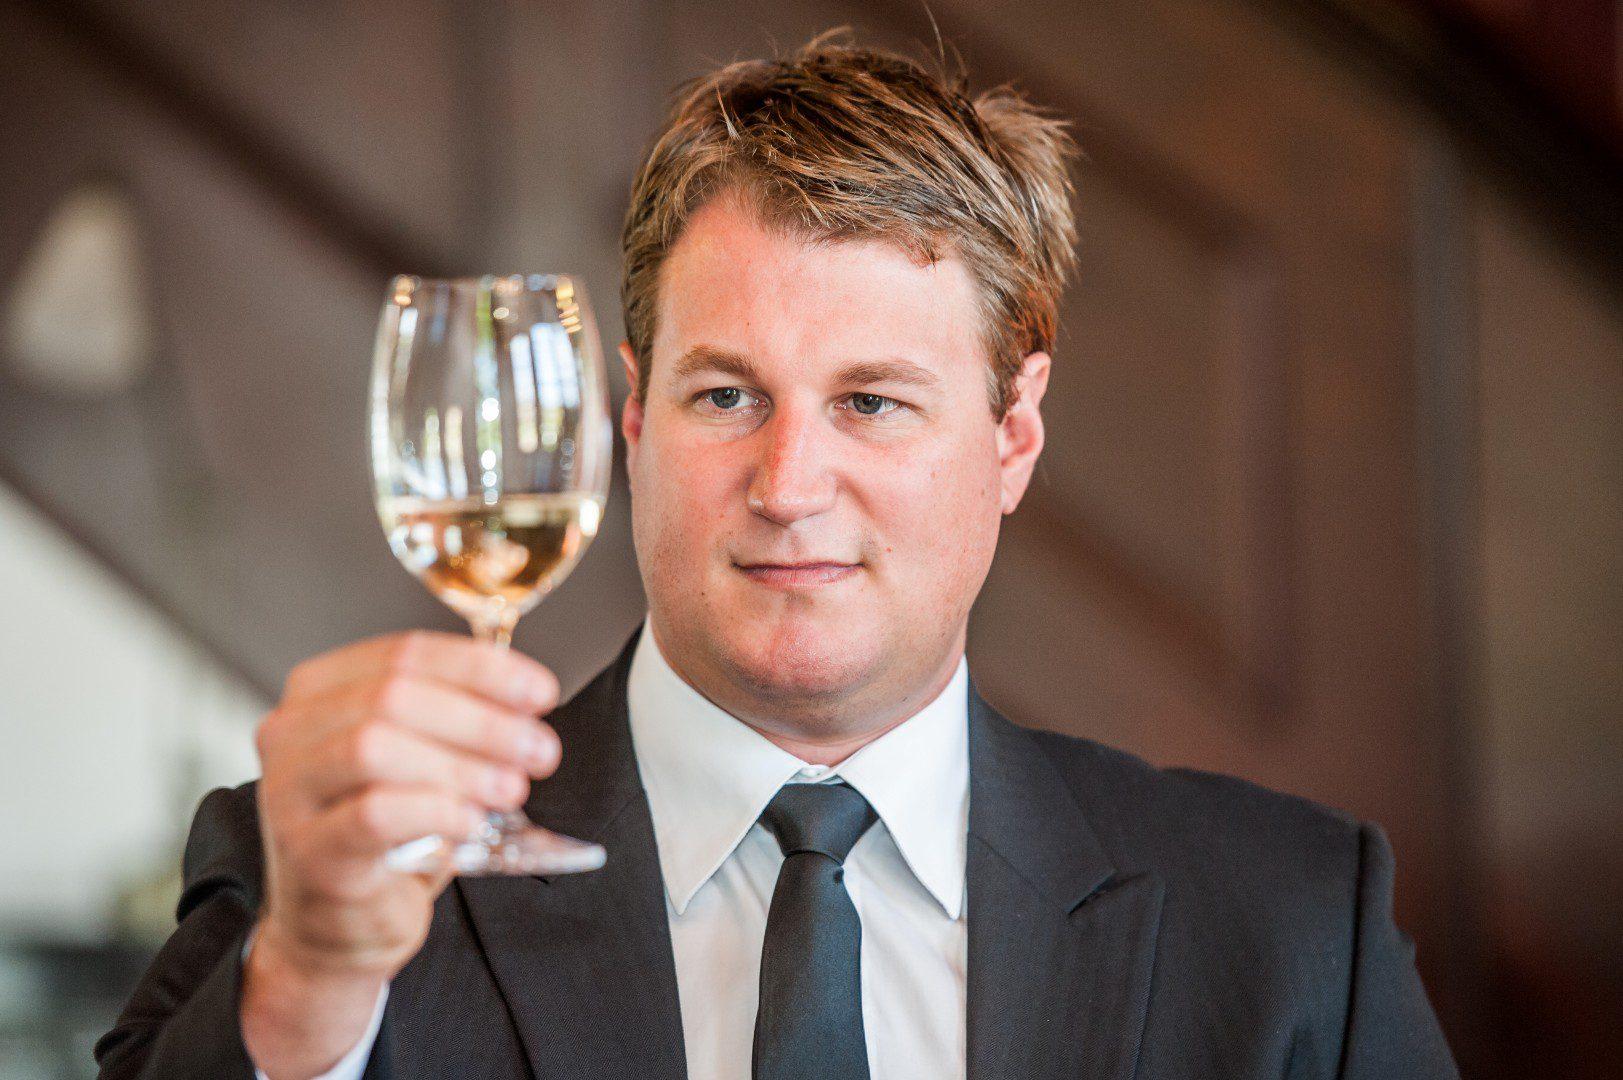 Johann de Wet, CEO of De Wetshof, an award-winning wine estate in the Robertson Wine Valley. Photo: Supplied